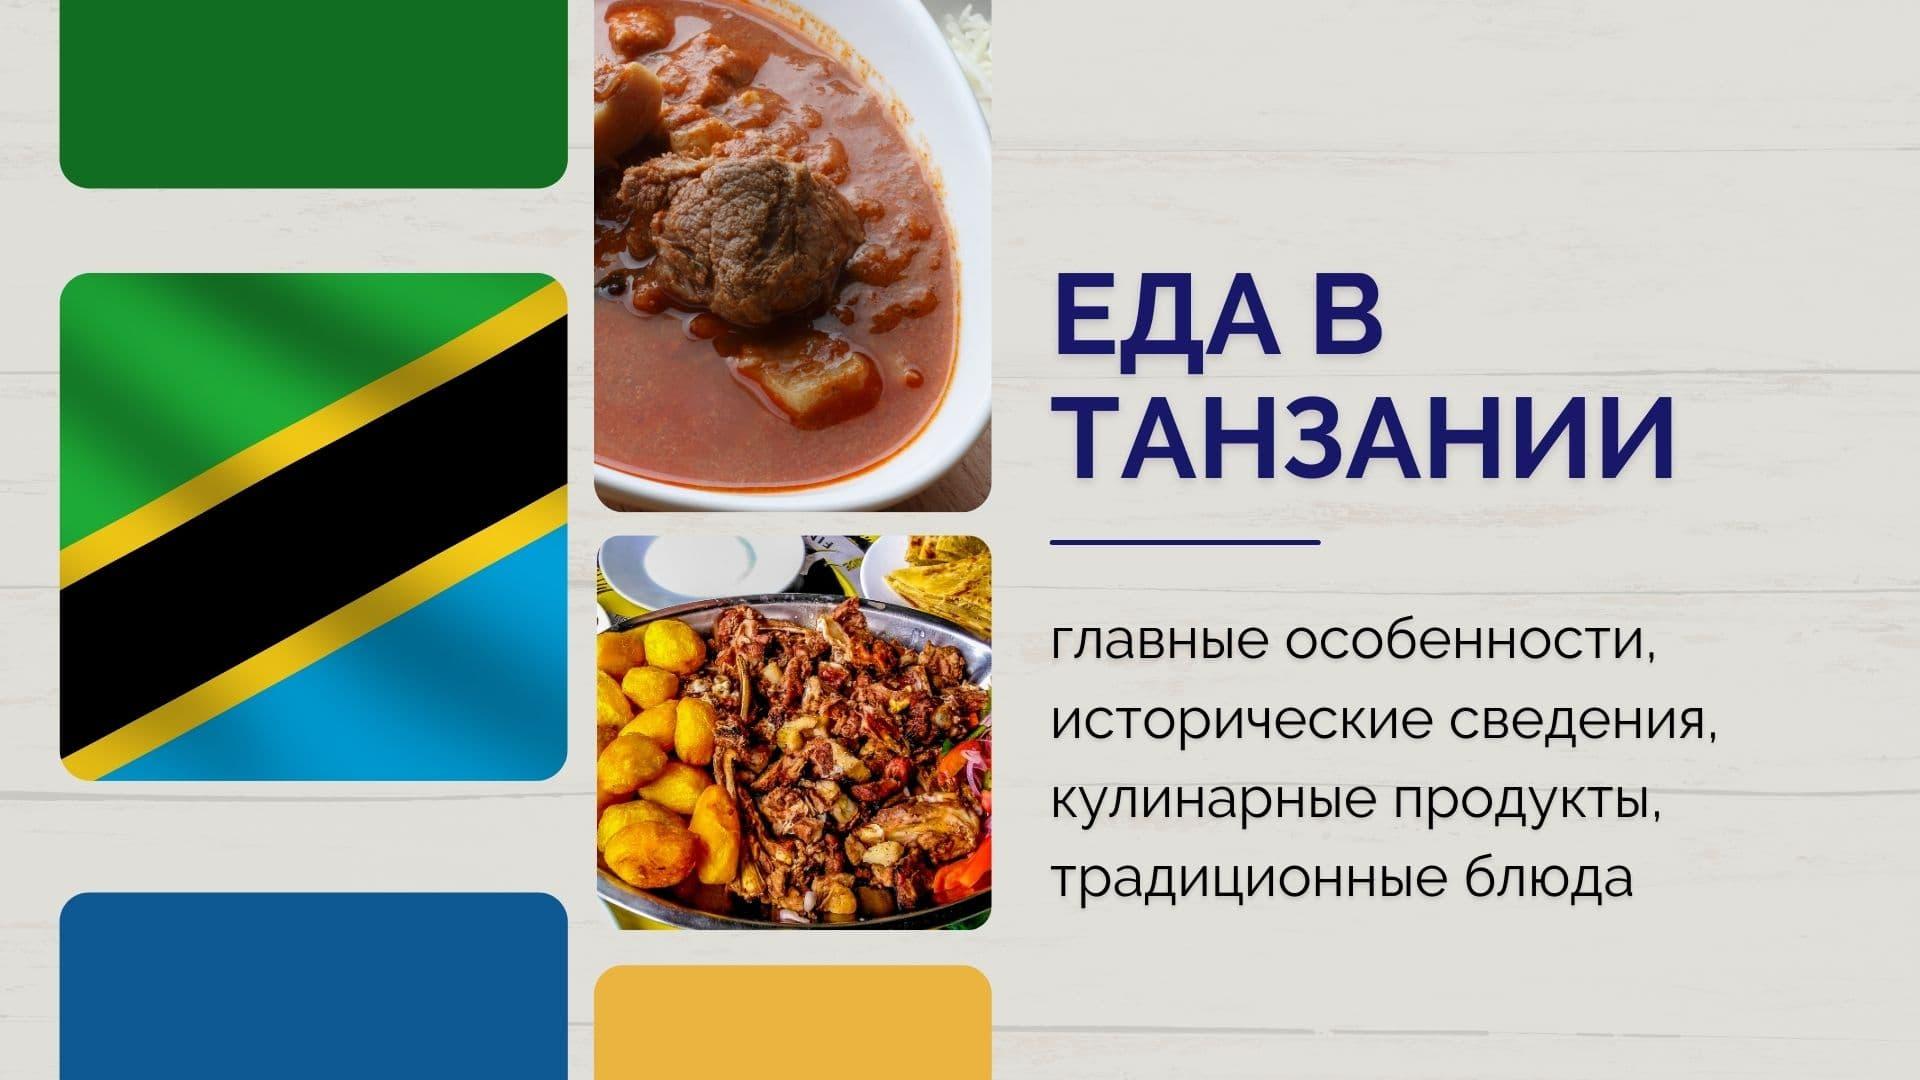 Еда в Танзании: главные особенности, исторические сведения, кулинарные продукты, традиционные блюда